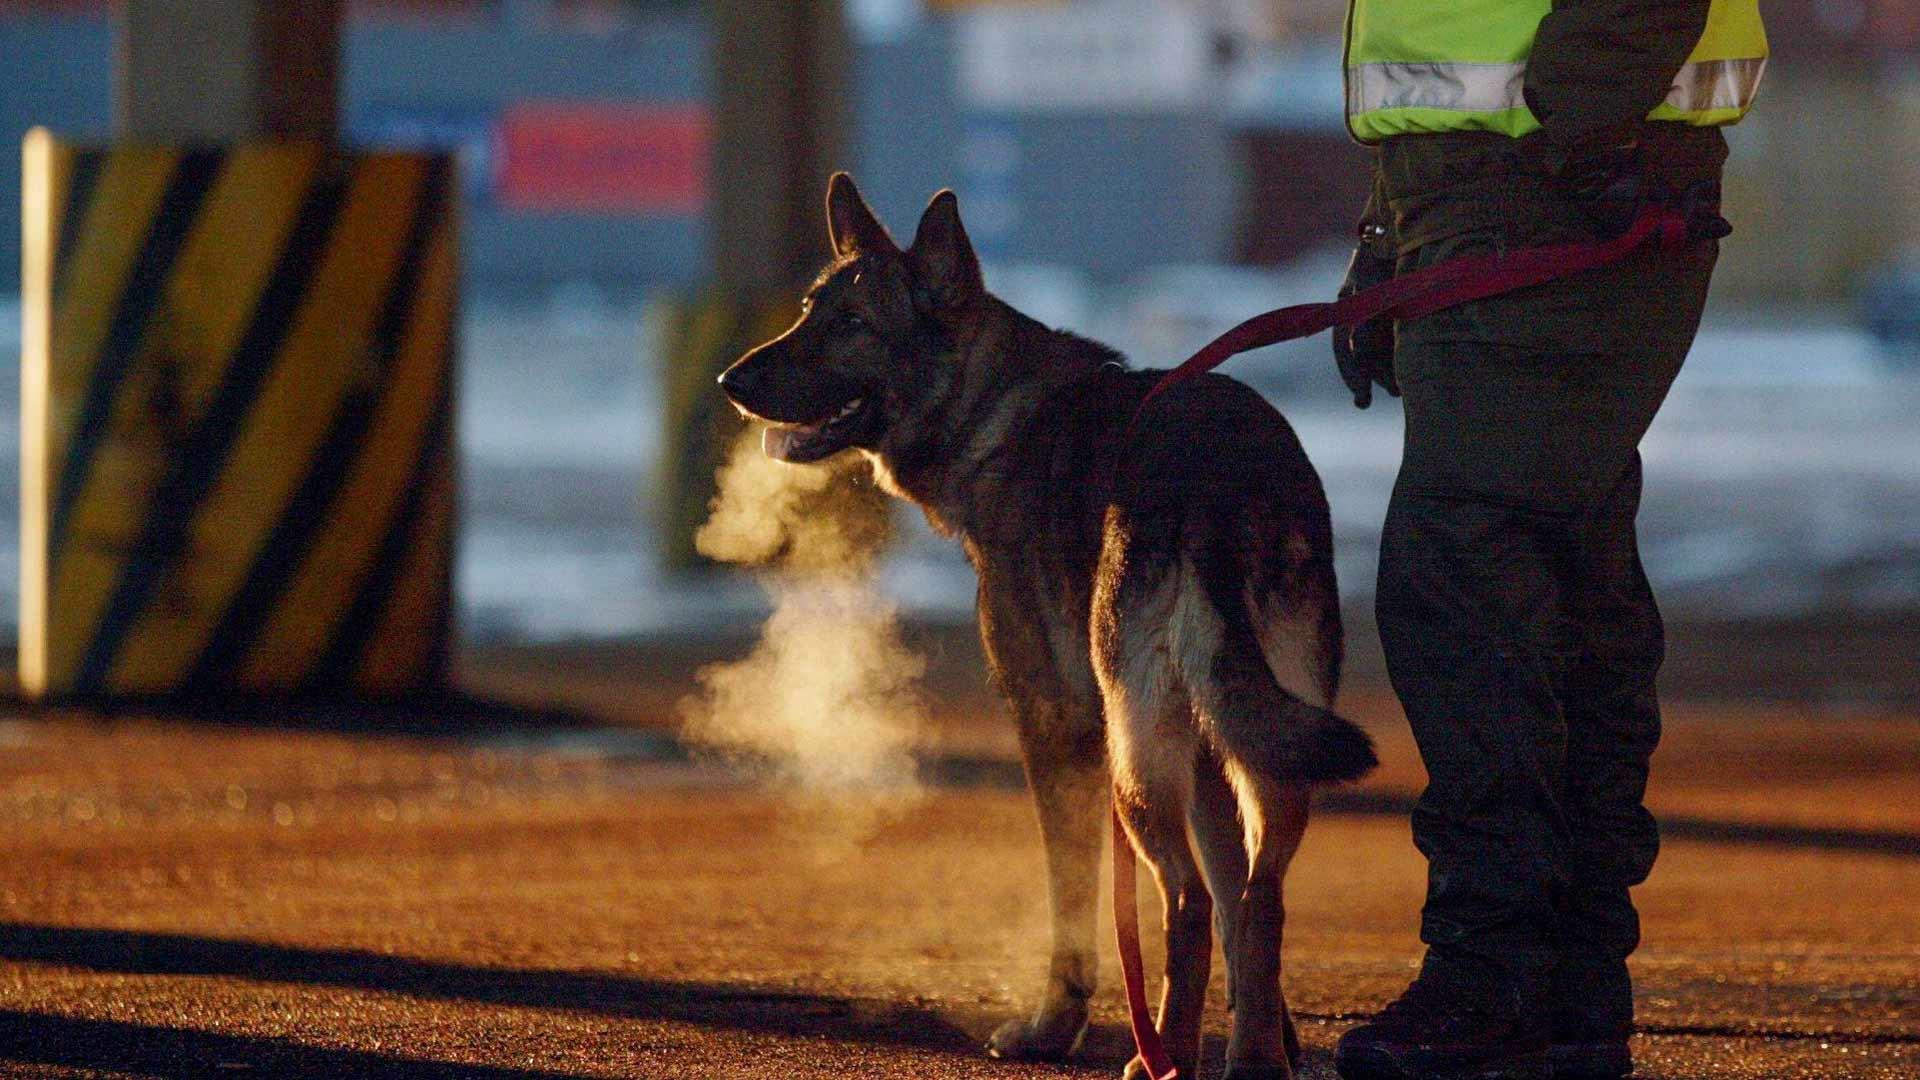 Nino-koira työssään Rajavartiolaitoksen rajakoirien harjoituksessa Helsingin Länsisatamassa vuonna 2002.